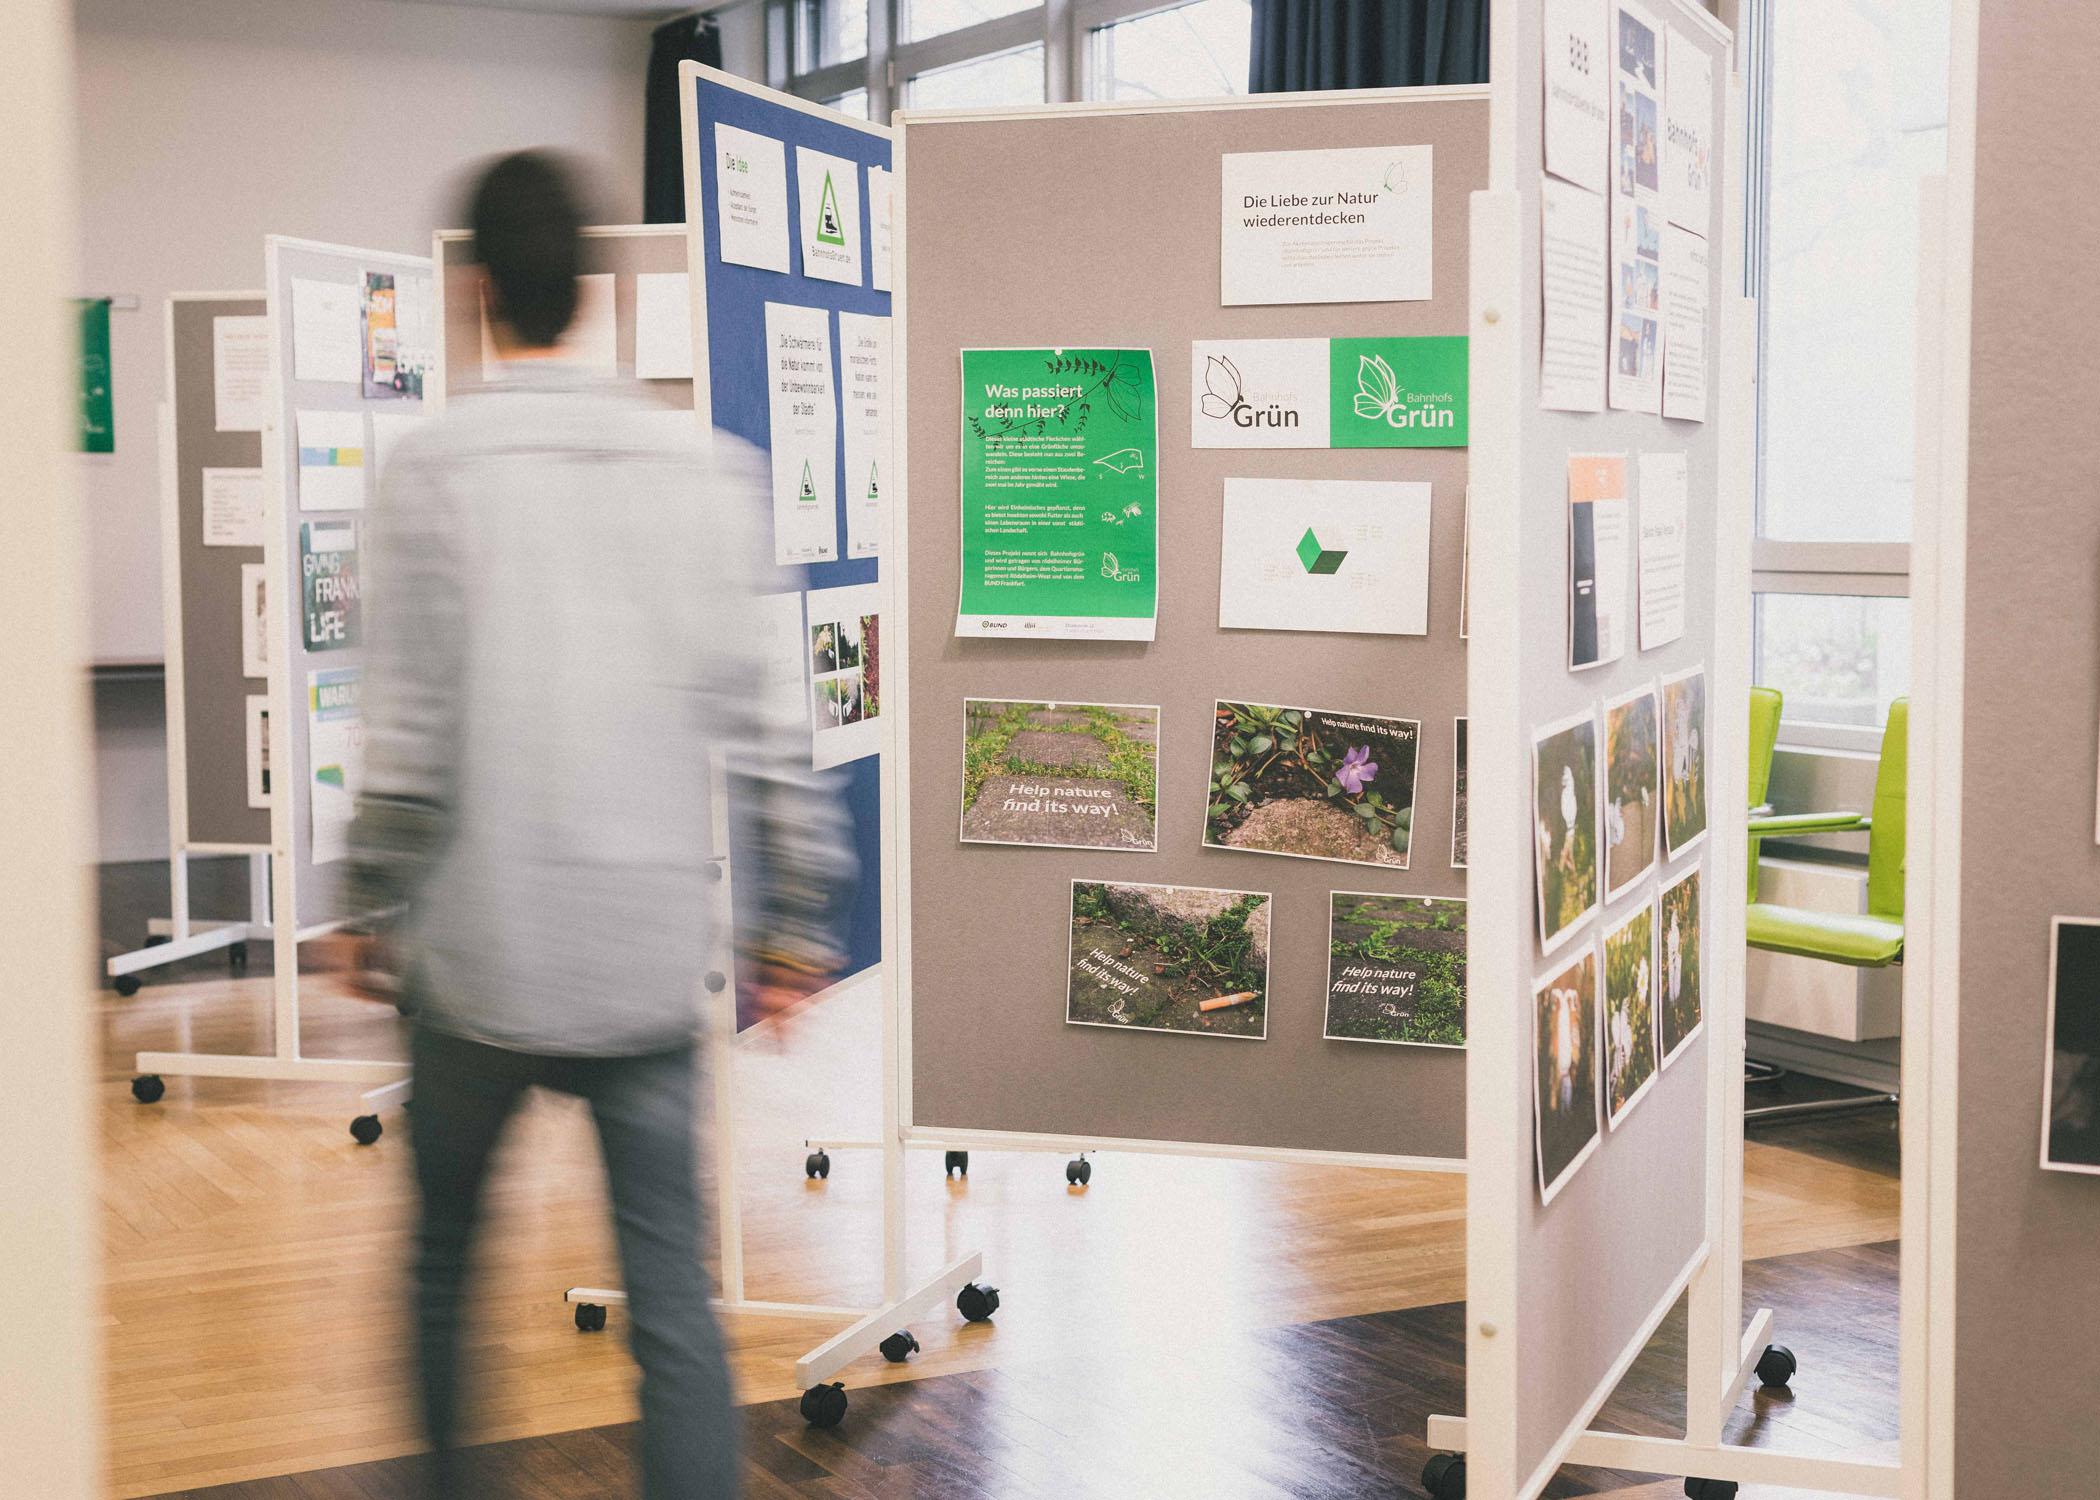 Kurz vor Beginn der Vernissage: Die Präsentation des Bahnhofsgrün-Gestaltungsprojekt ist fertig.